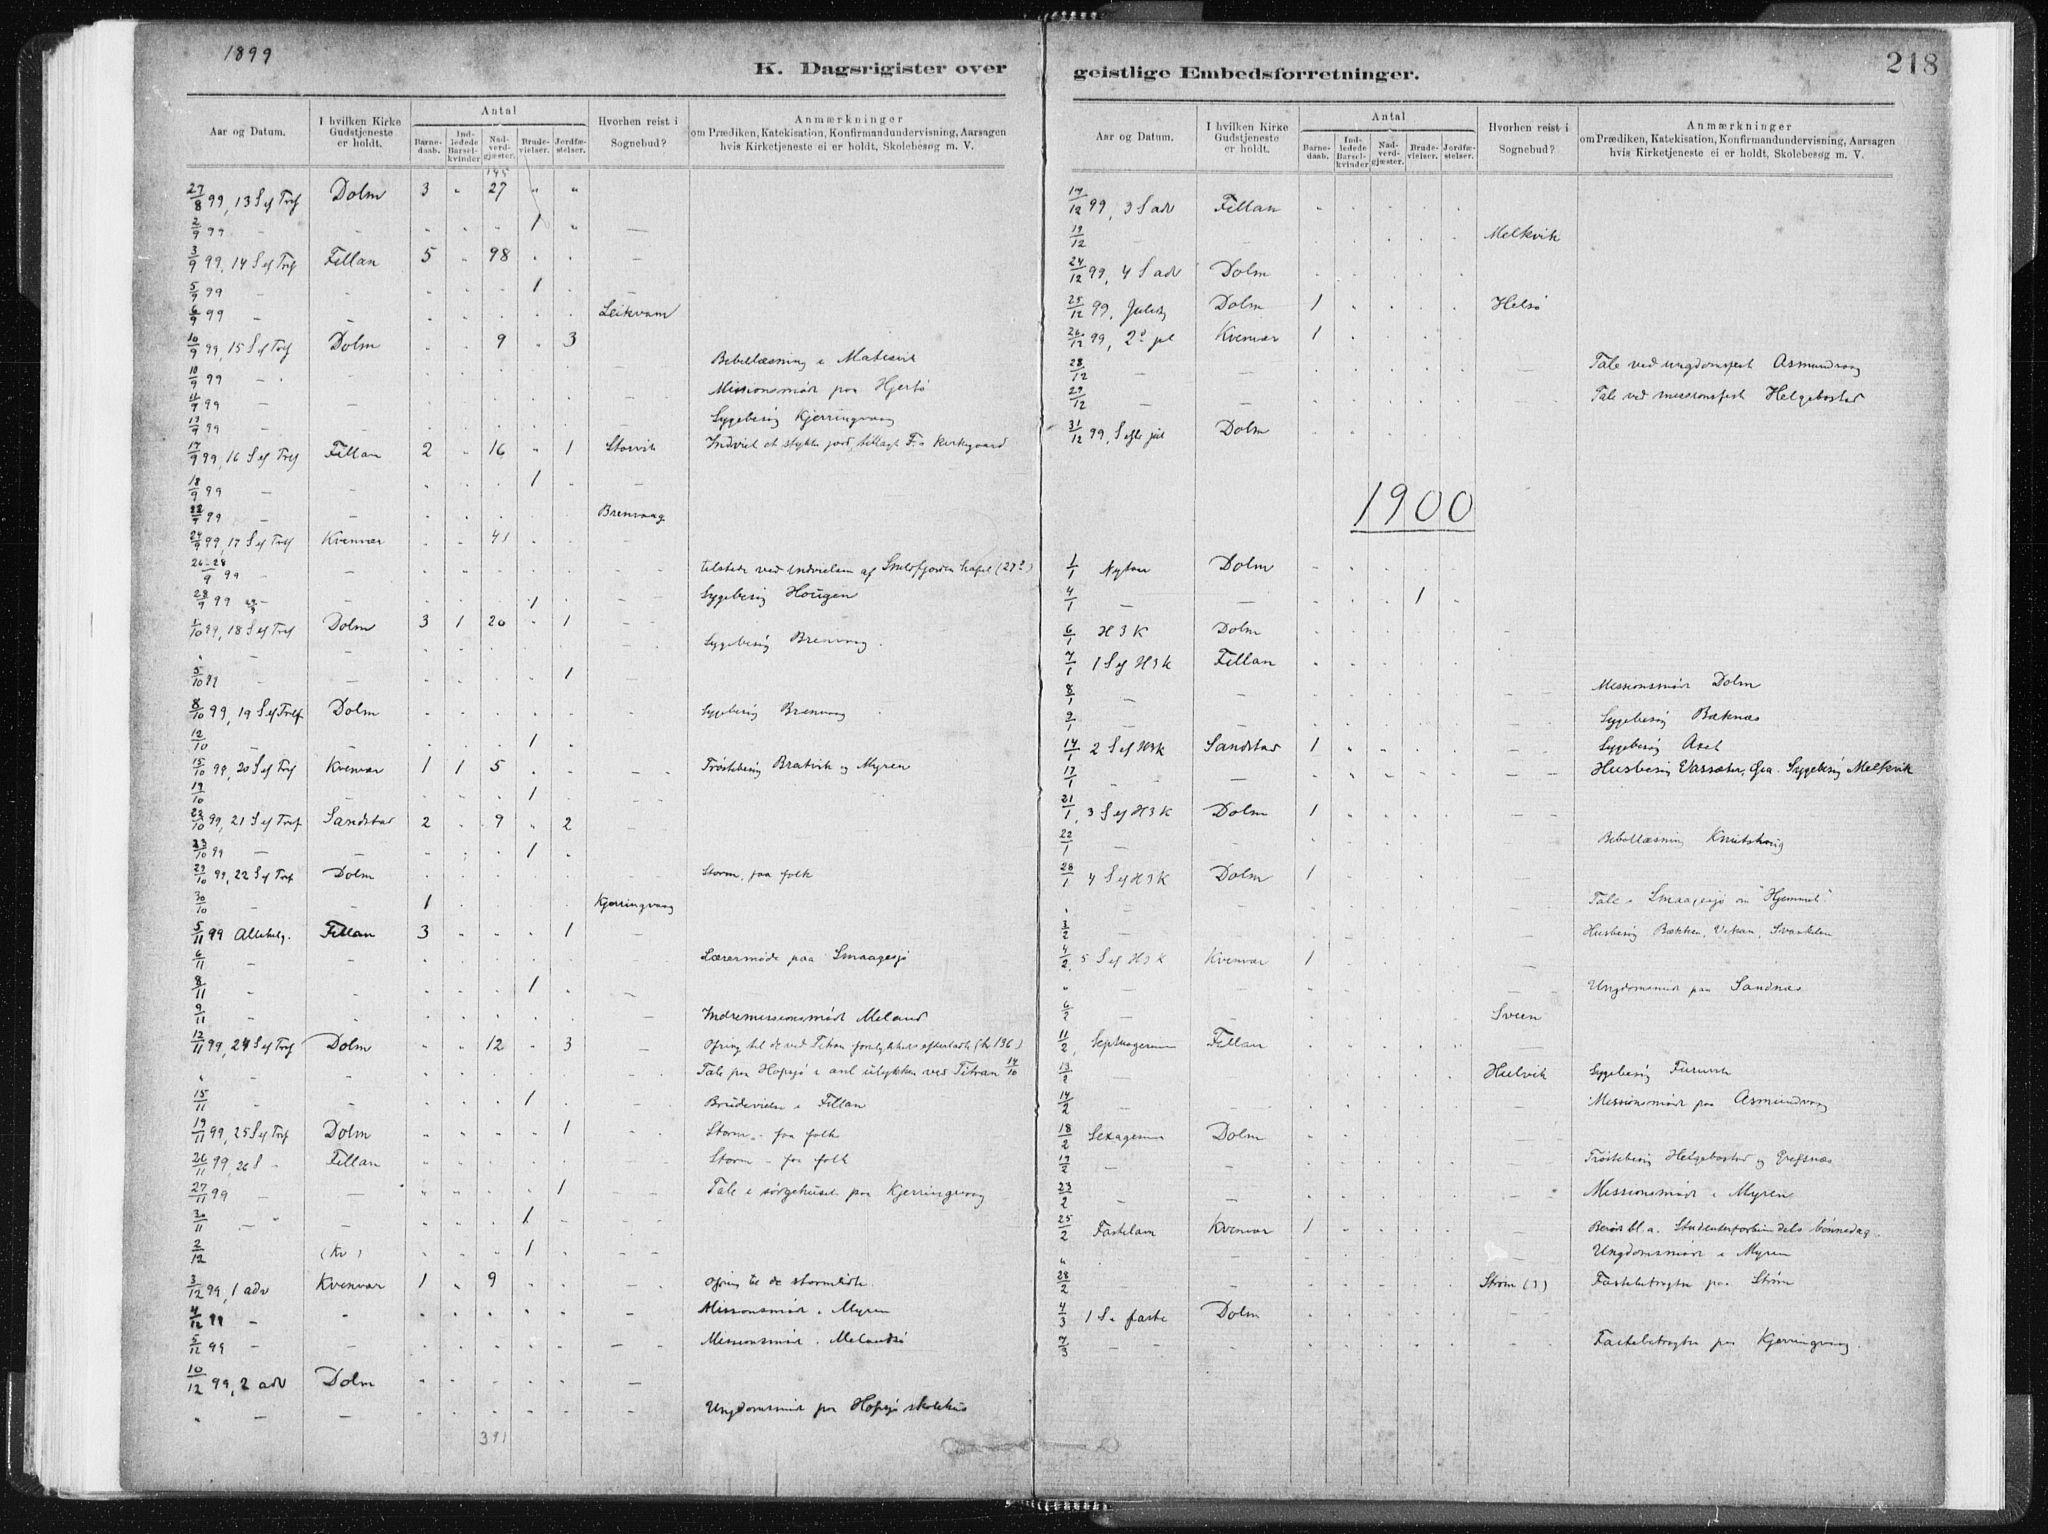 SAT, Ministerialprotokoller, klokkerbøker og fødselsregistre - Sør-Trøndelag, 634/L0533: Ministerialbok nr. 634A09, 1882-1901, s. 218